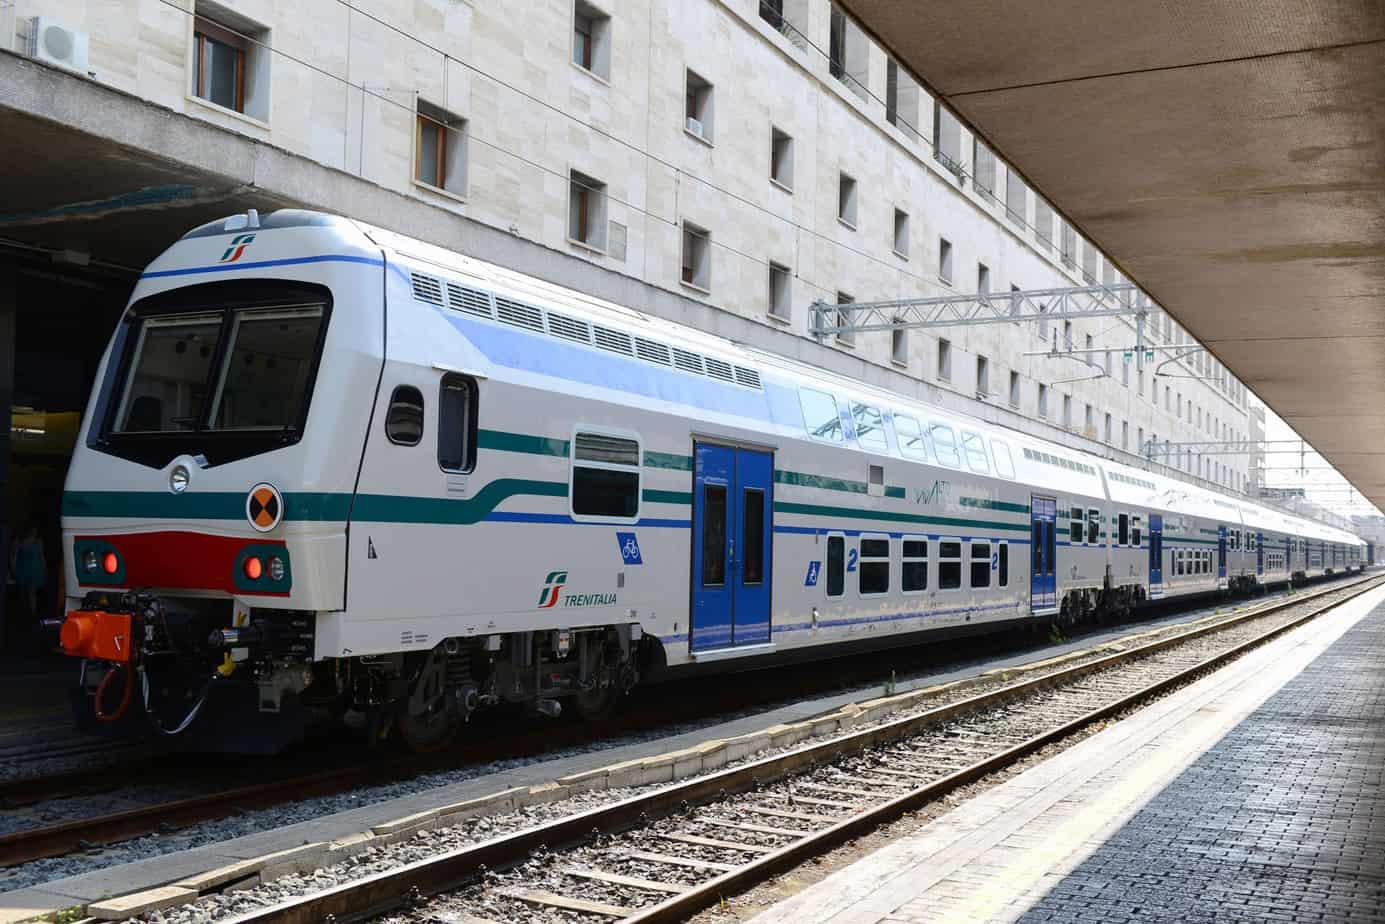 Il Vivalto presso la stazione Termini a Roma